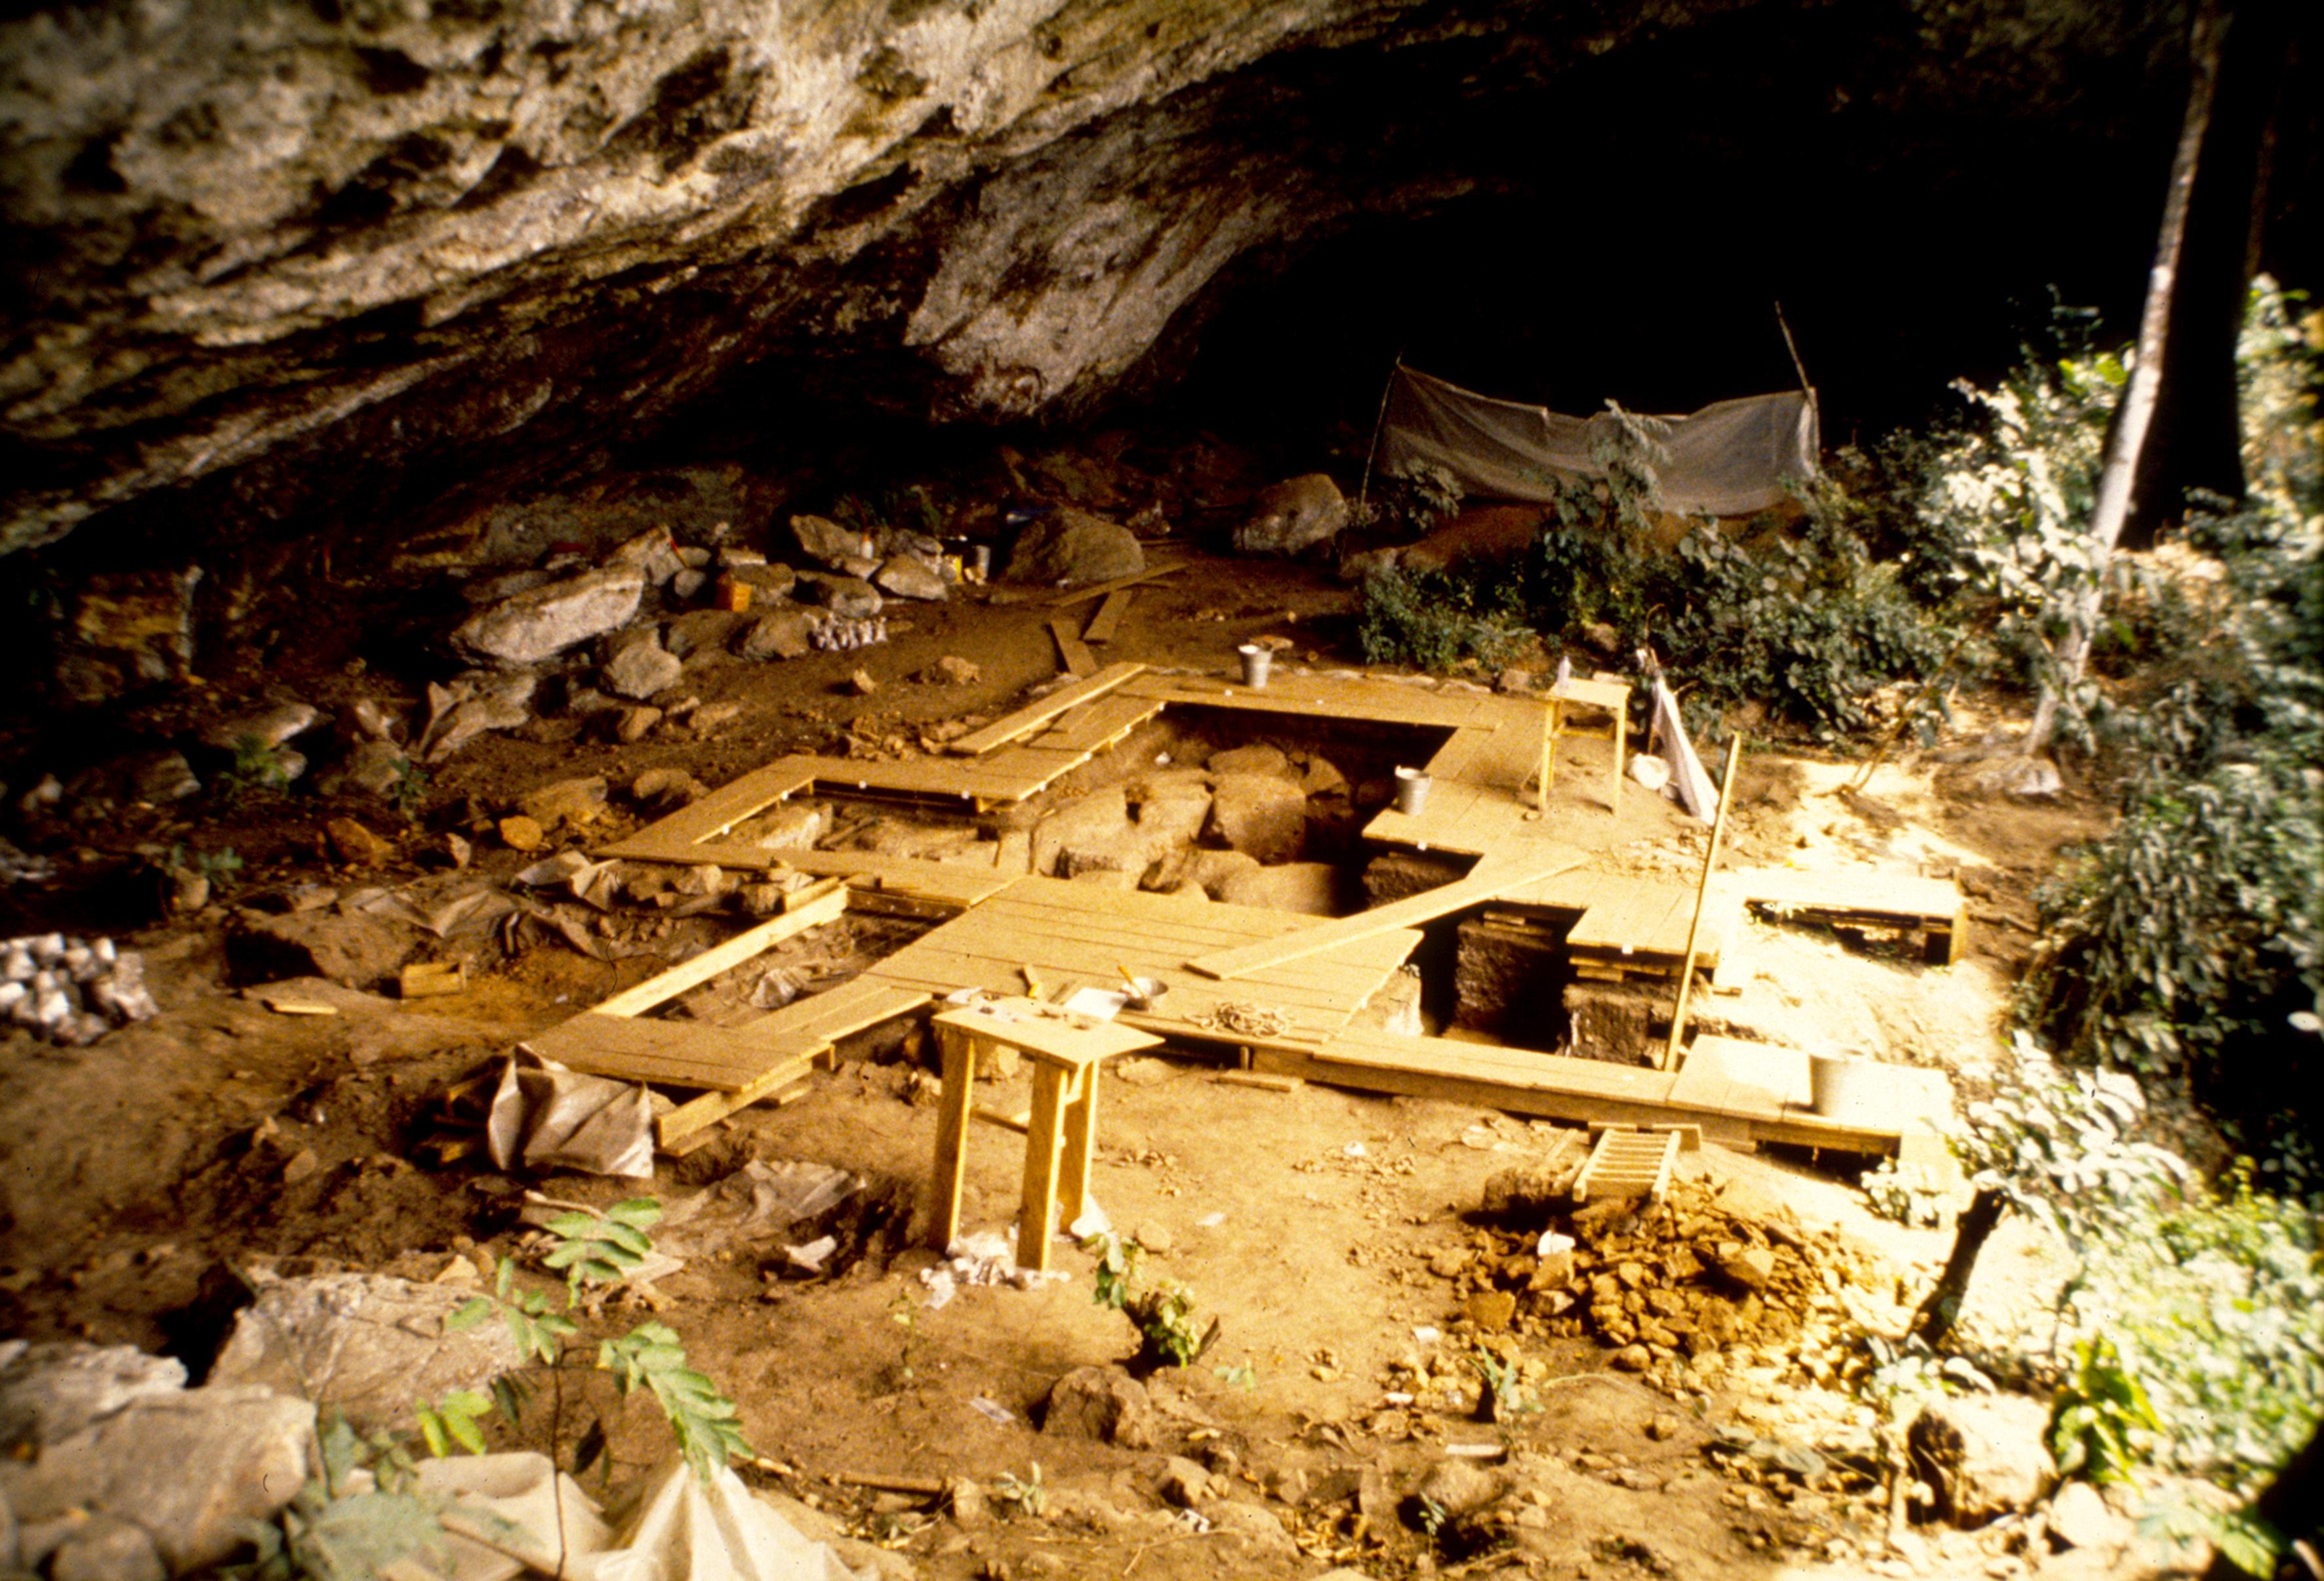 El yacimiento de Shum Laka, en Camerún, fue el hogar de una antigua población que guardaba poco parecido genético con la mayoría de los que viven en esta región en la actualidad./ PIERRE DE MARET